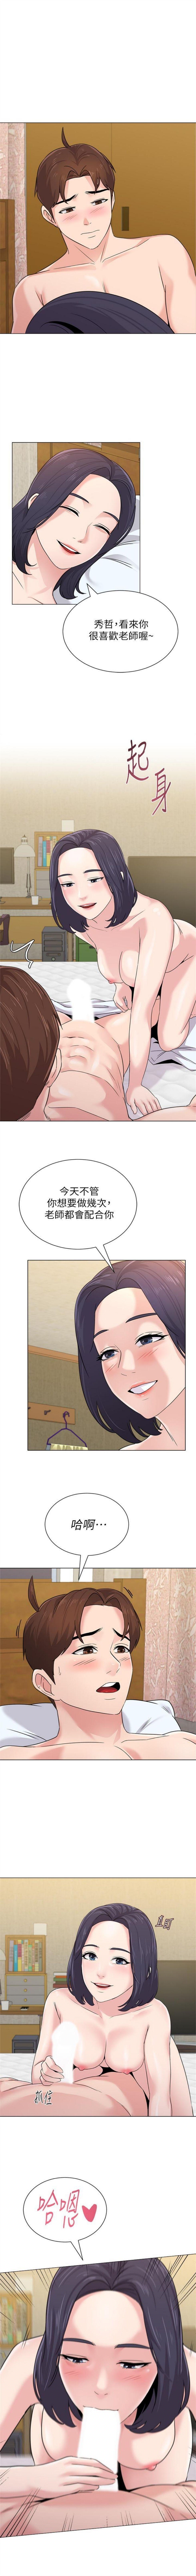 老師 1-80 官方中文(連載中) 438